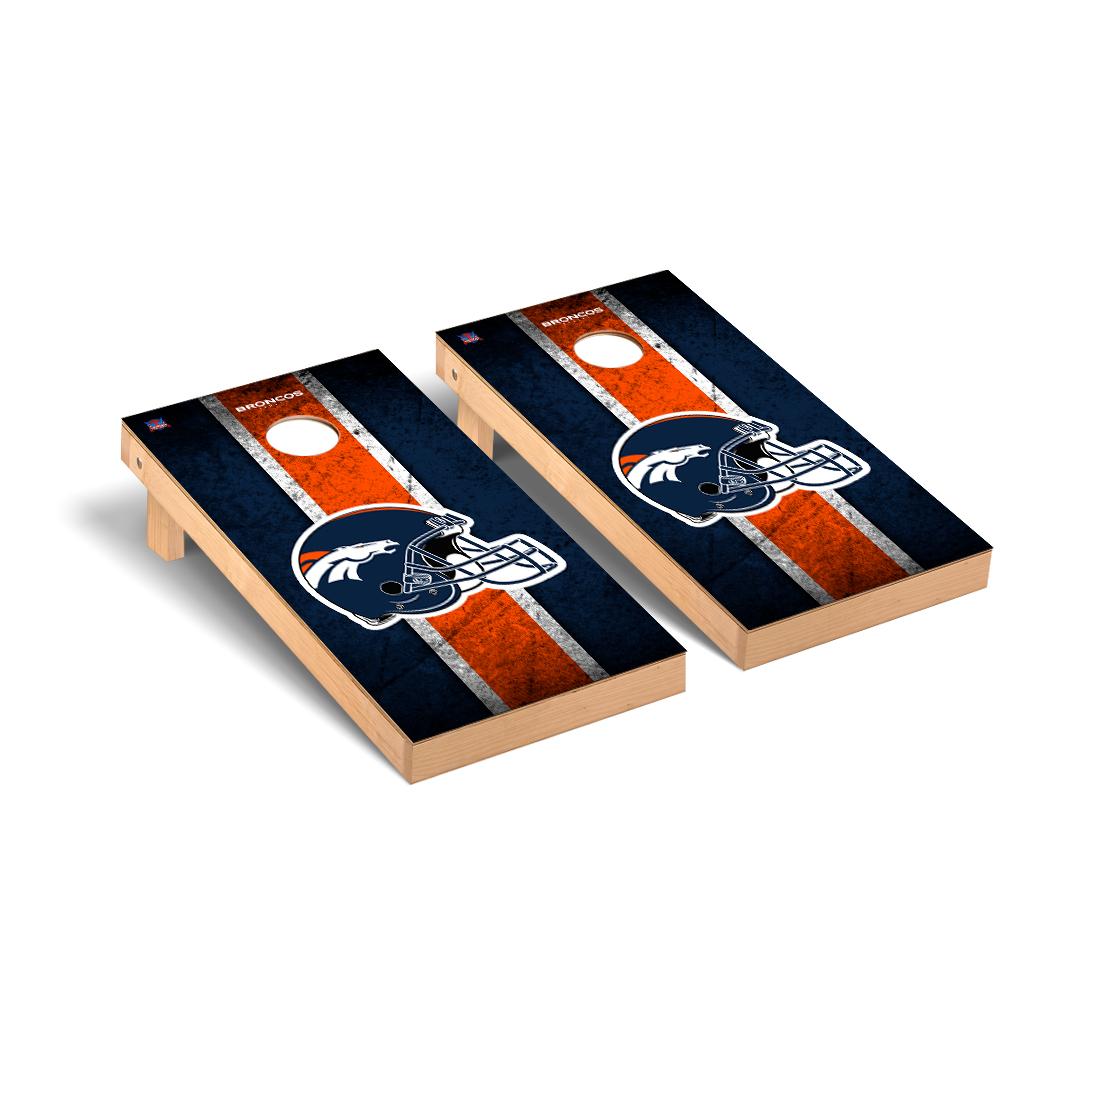 Denver Broncos NFL Football Cornhole Game Set Vintage Version